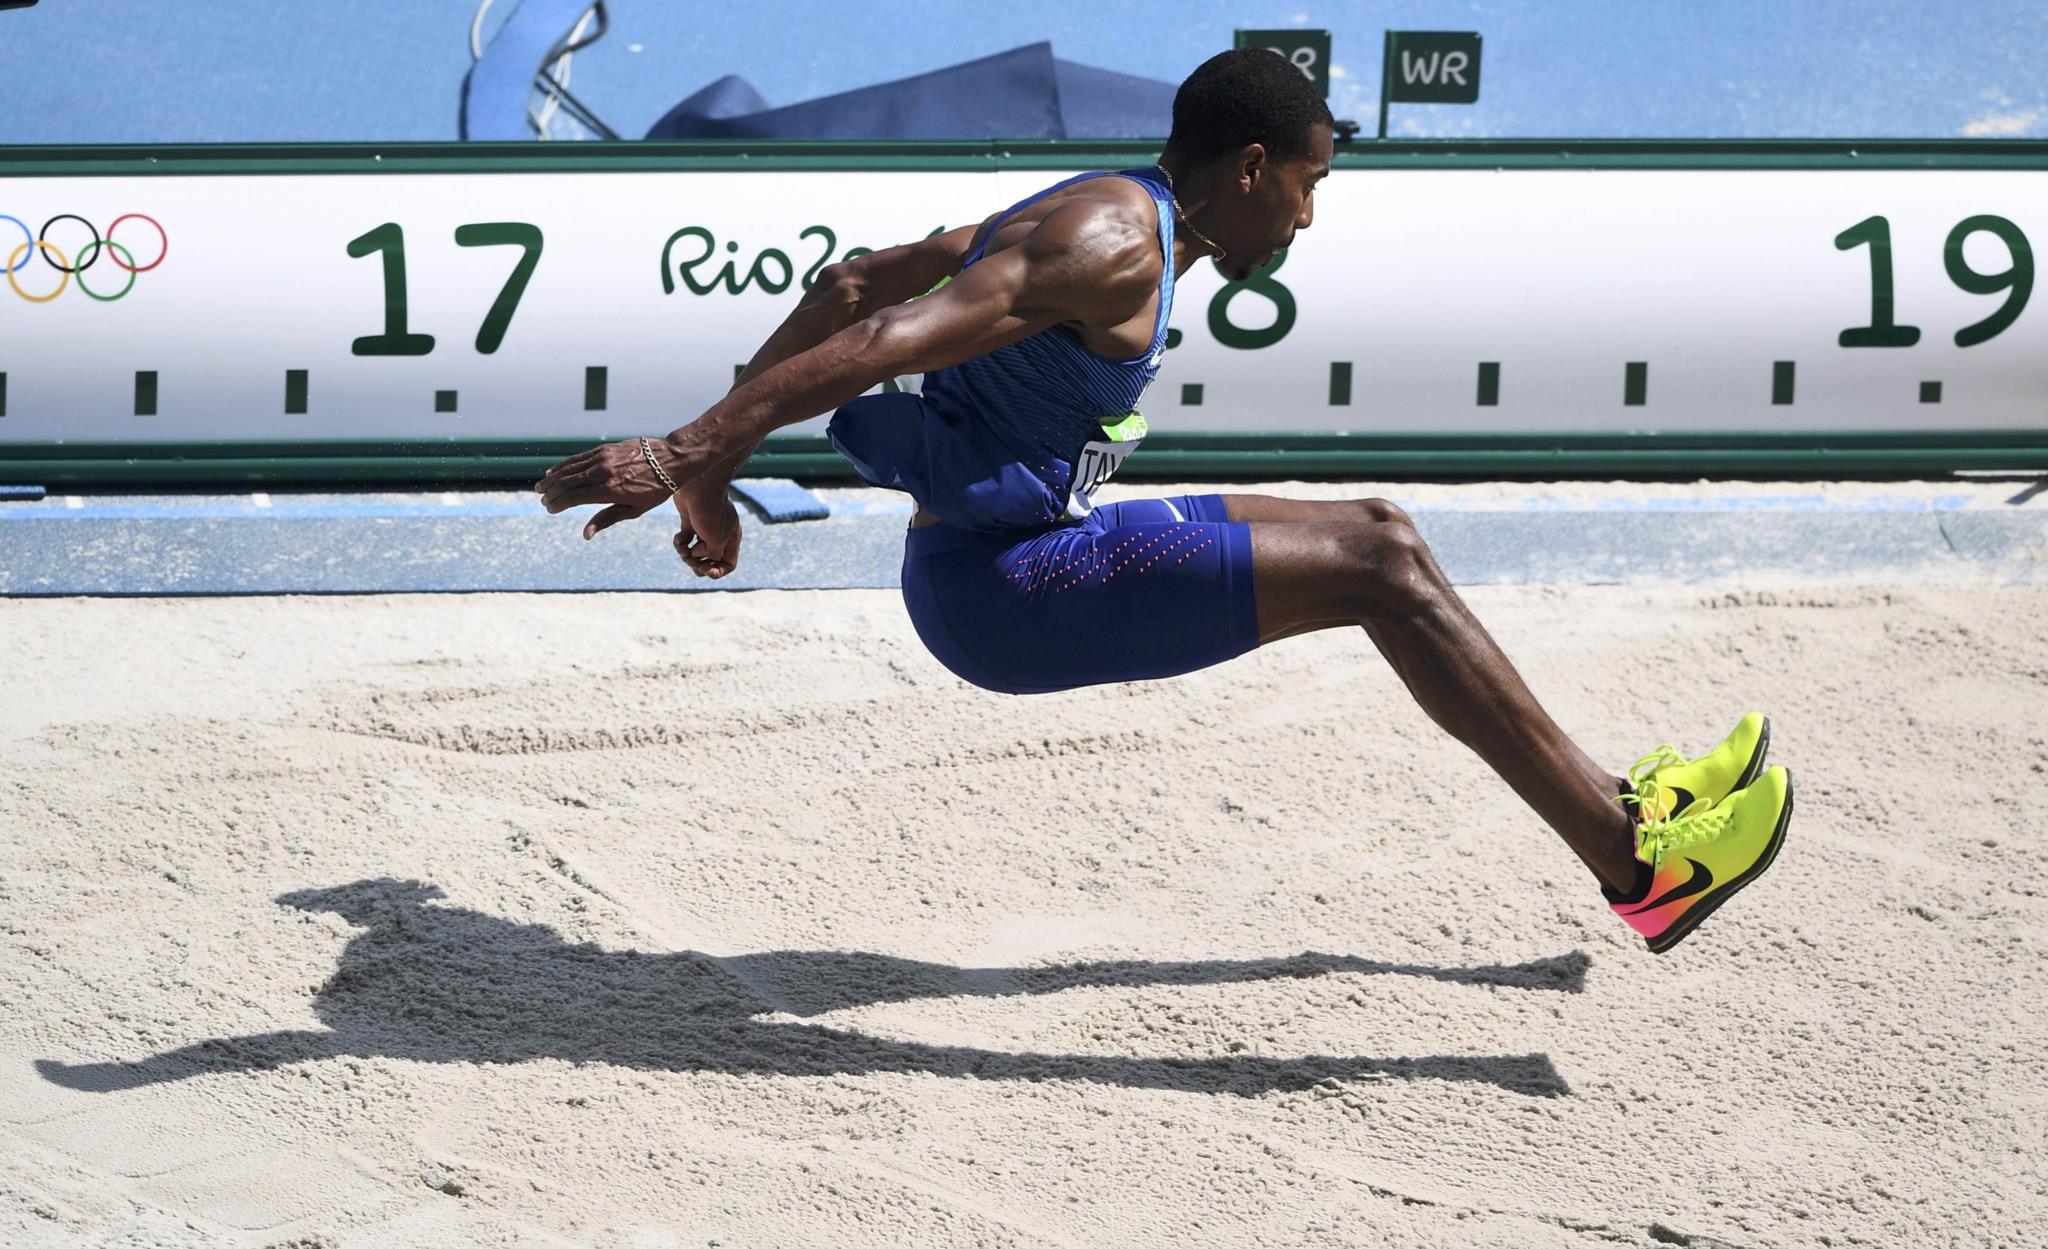 PÚBLICO - Dois americanos passaram 18m no triplo salto